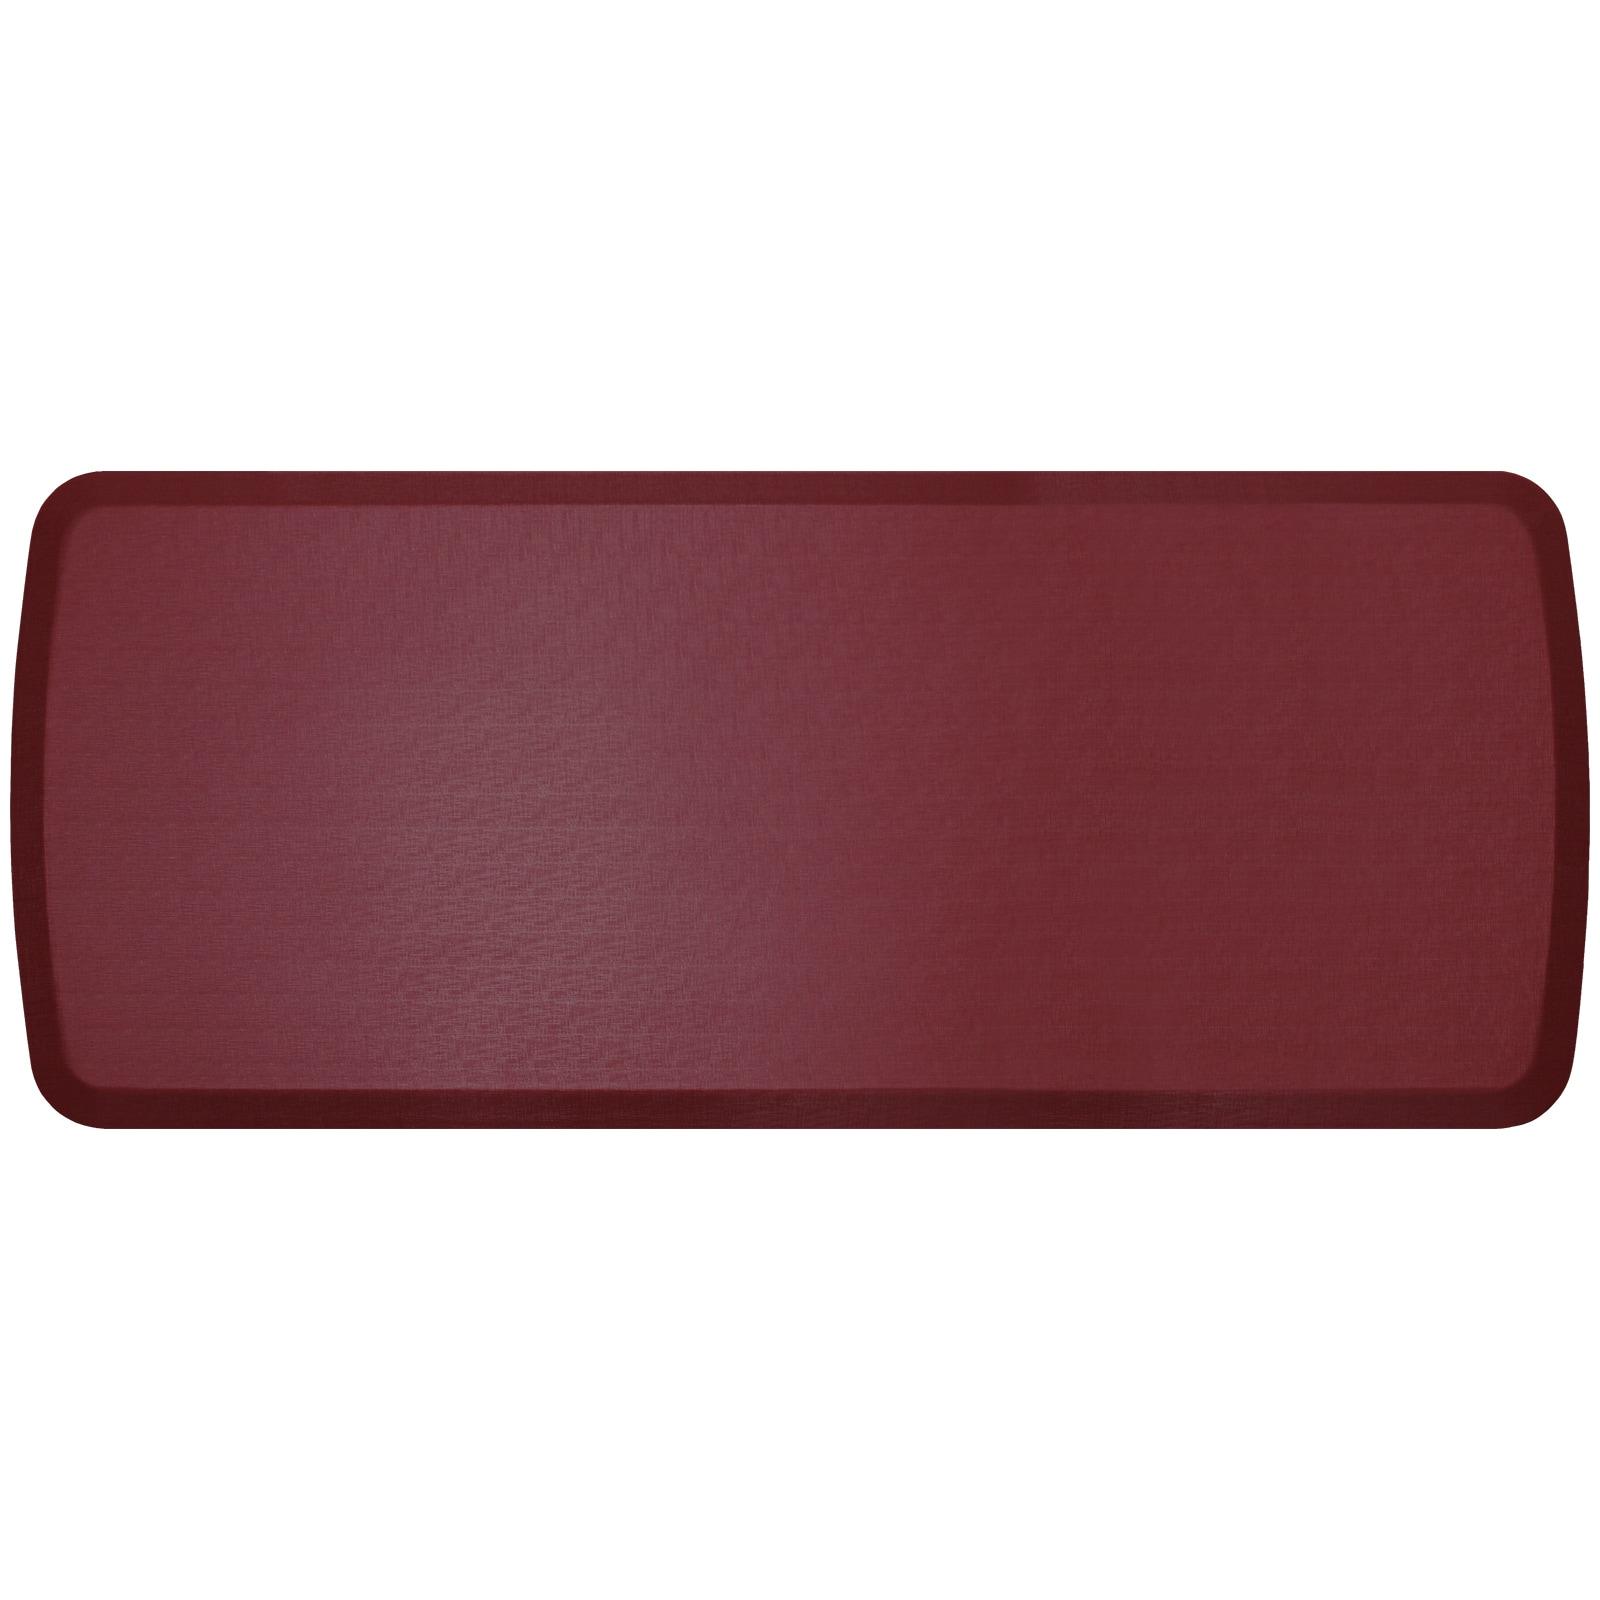 mat standing mats kitchen classic grasscloth cushion floor gelpro gc e